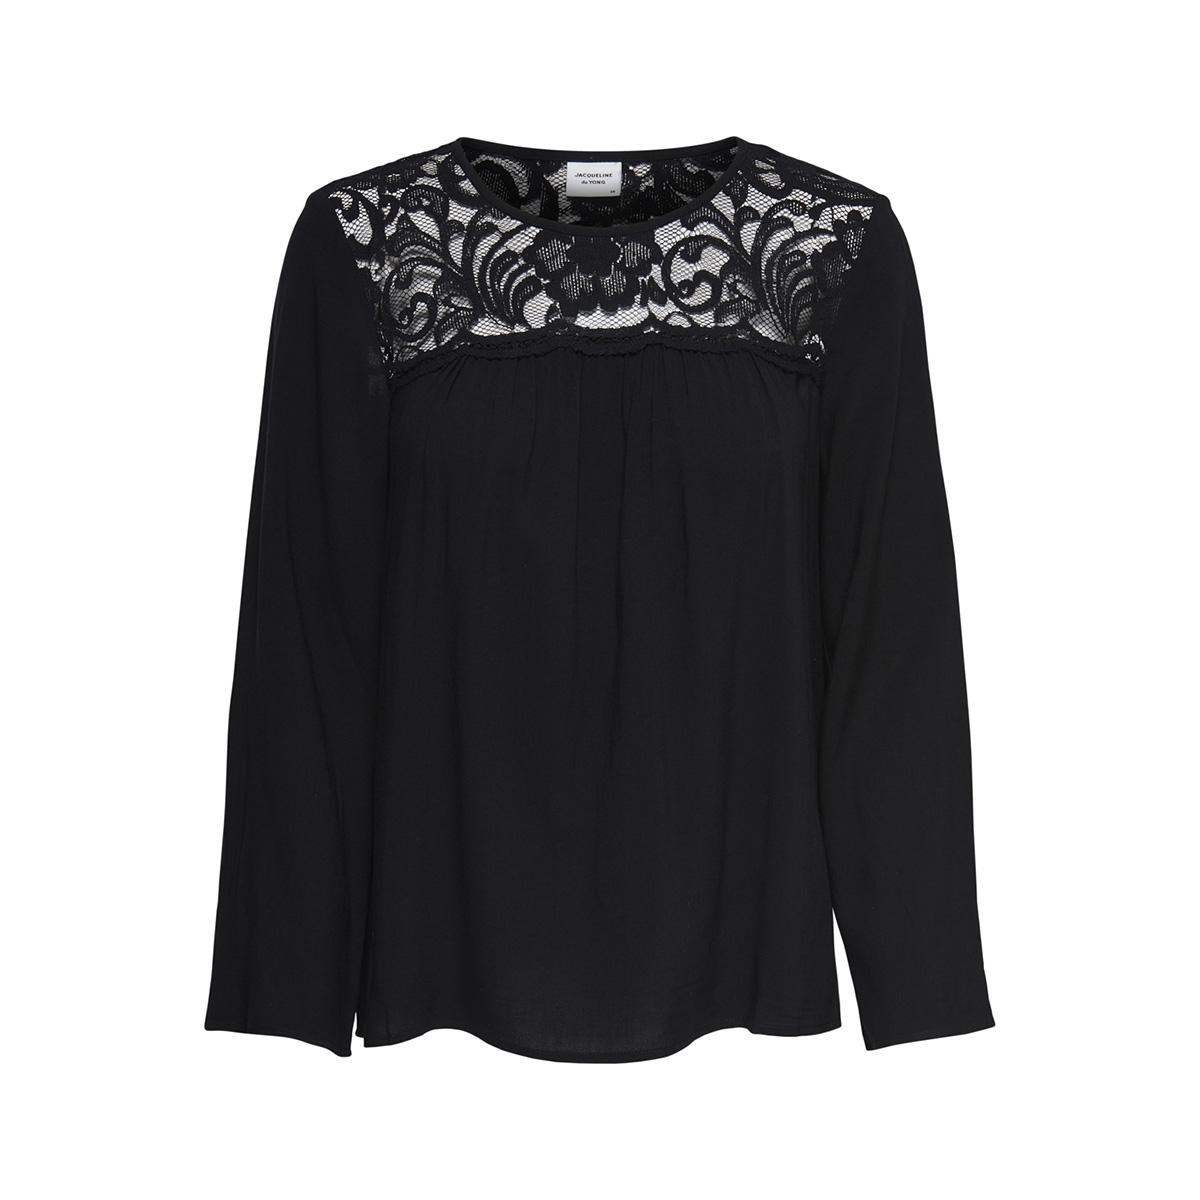 jdyhaze 7/8 lace blouse wvn 15166401 jacqueline de yong blouse black/dtm lace